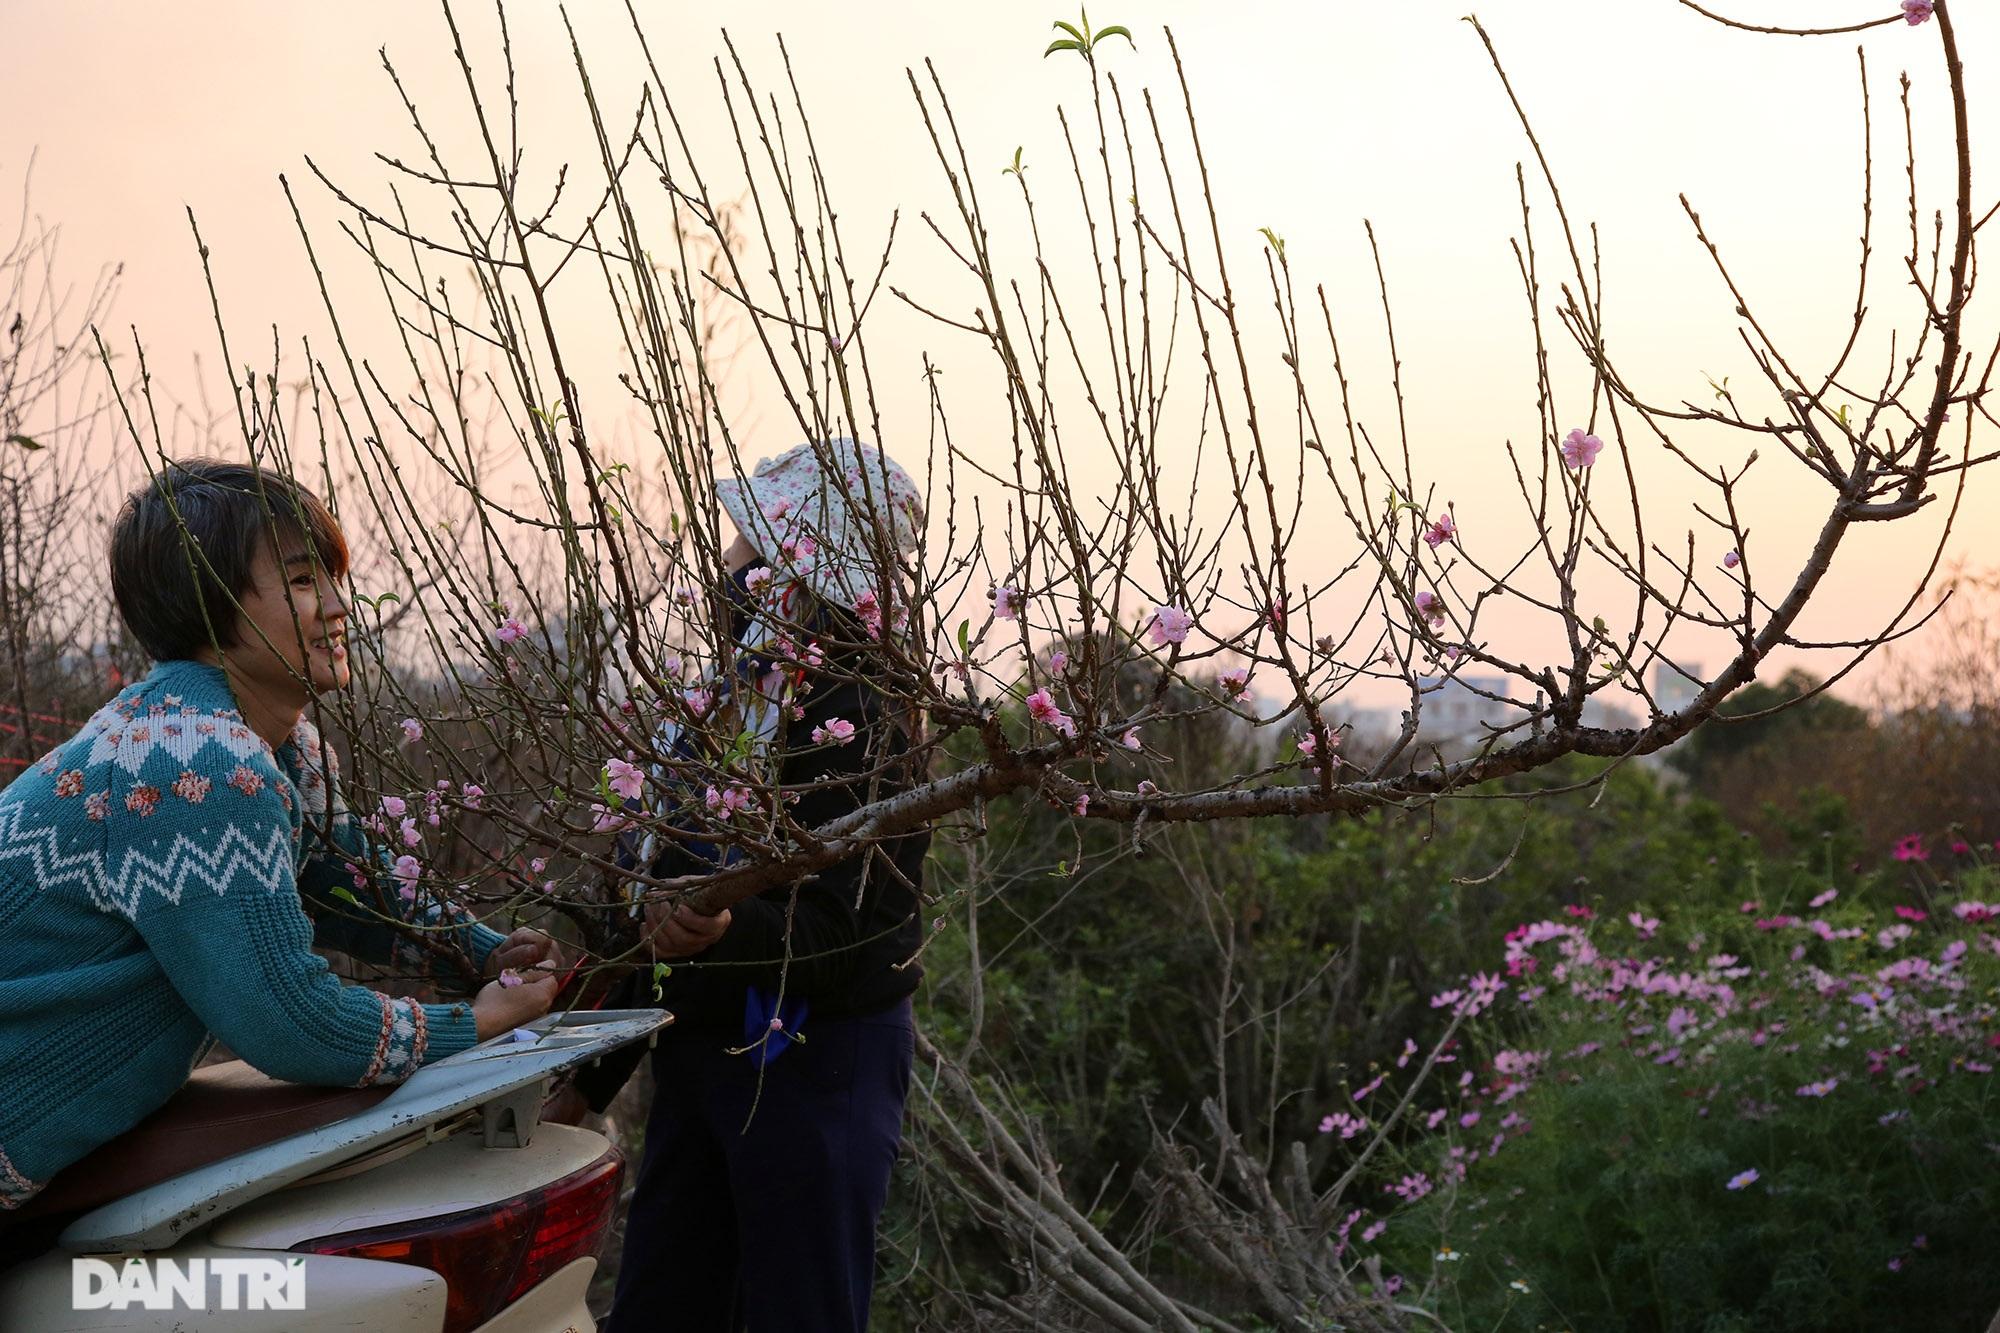 Đào Nhật Tân bắt đầu nở rộ chờ đón năm mới Tân Sửu - 7